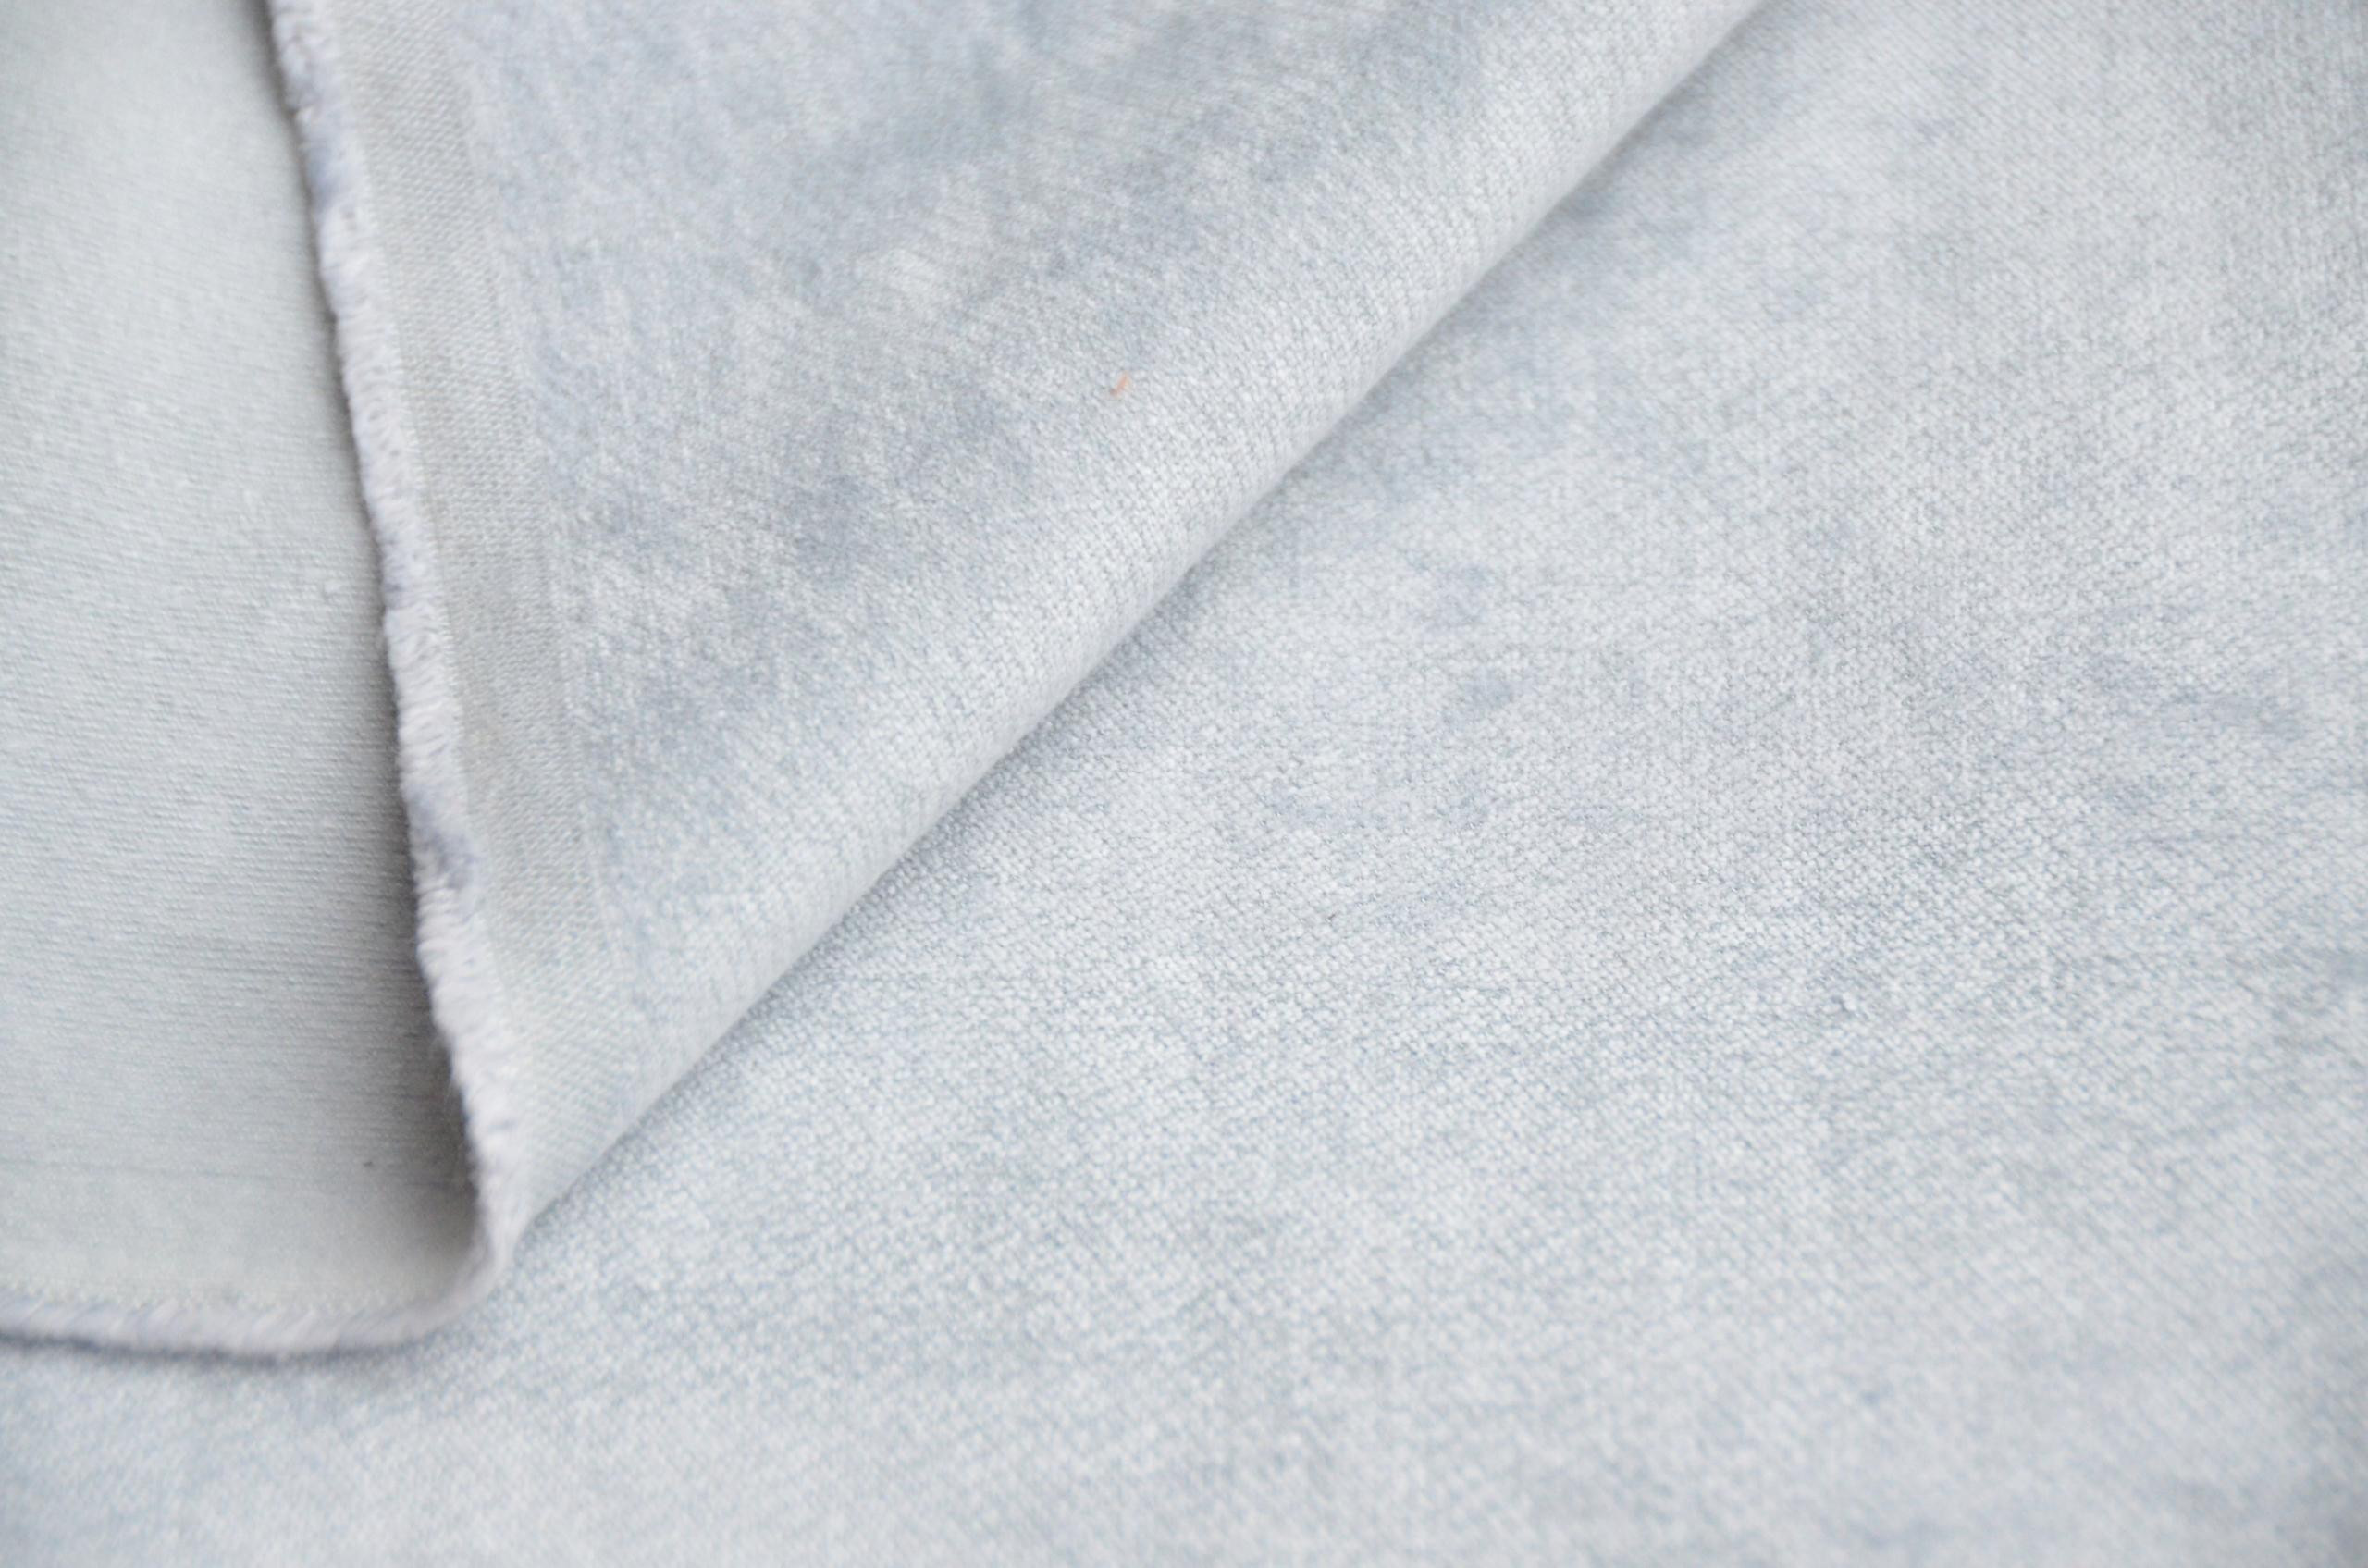 ecd5b81b27e0b5 Perłowy aksamit bawełniany z lycrą (3) - kupon - 7733327544 ...